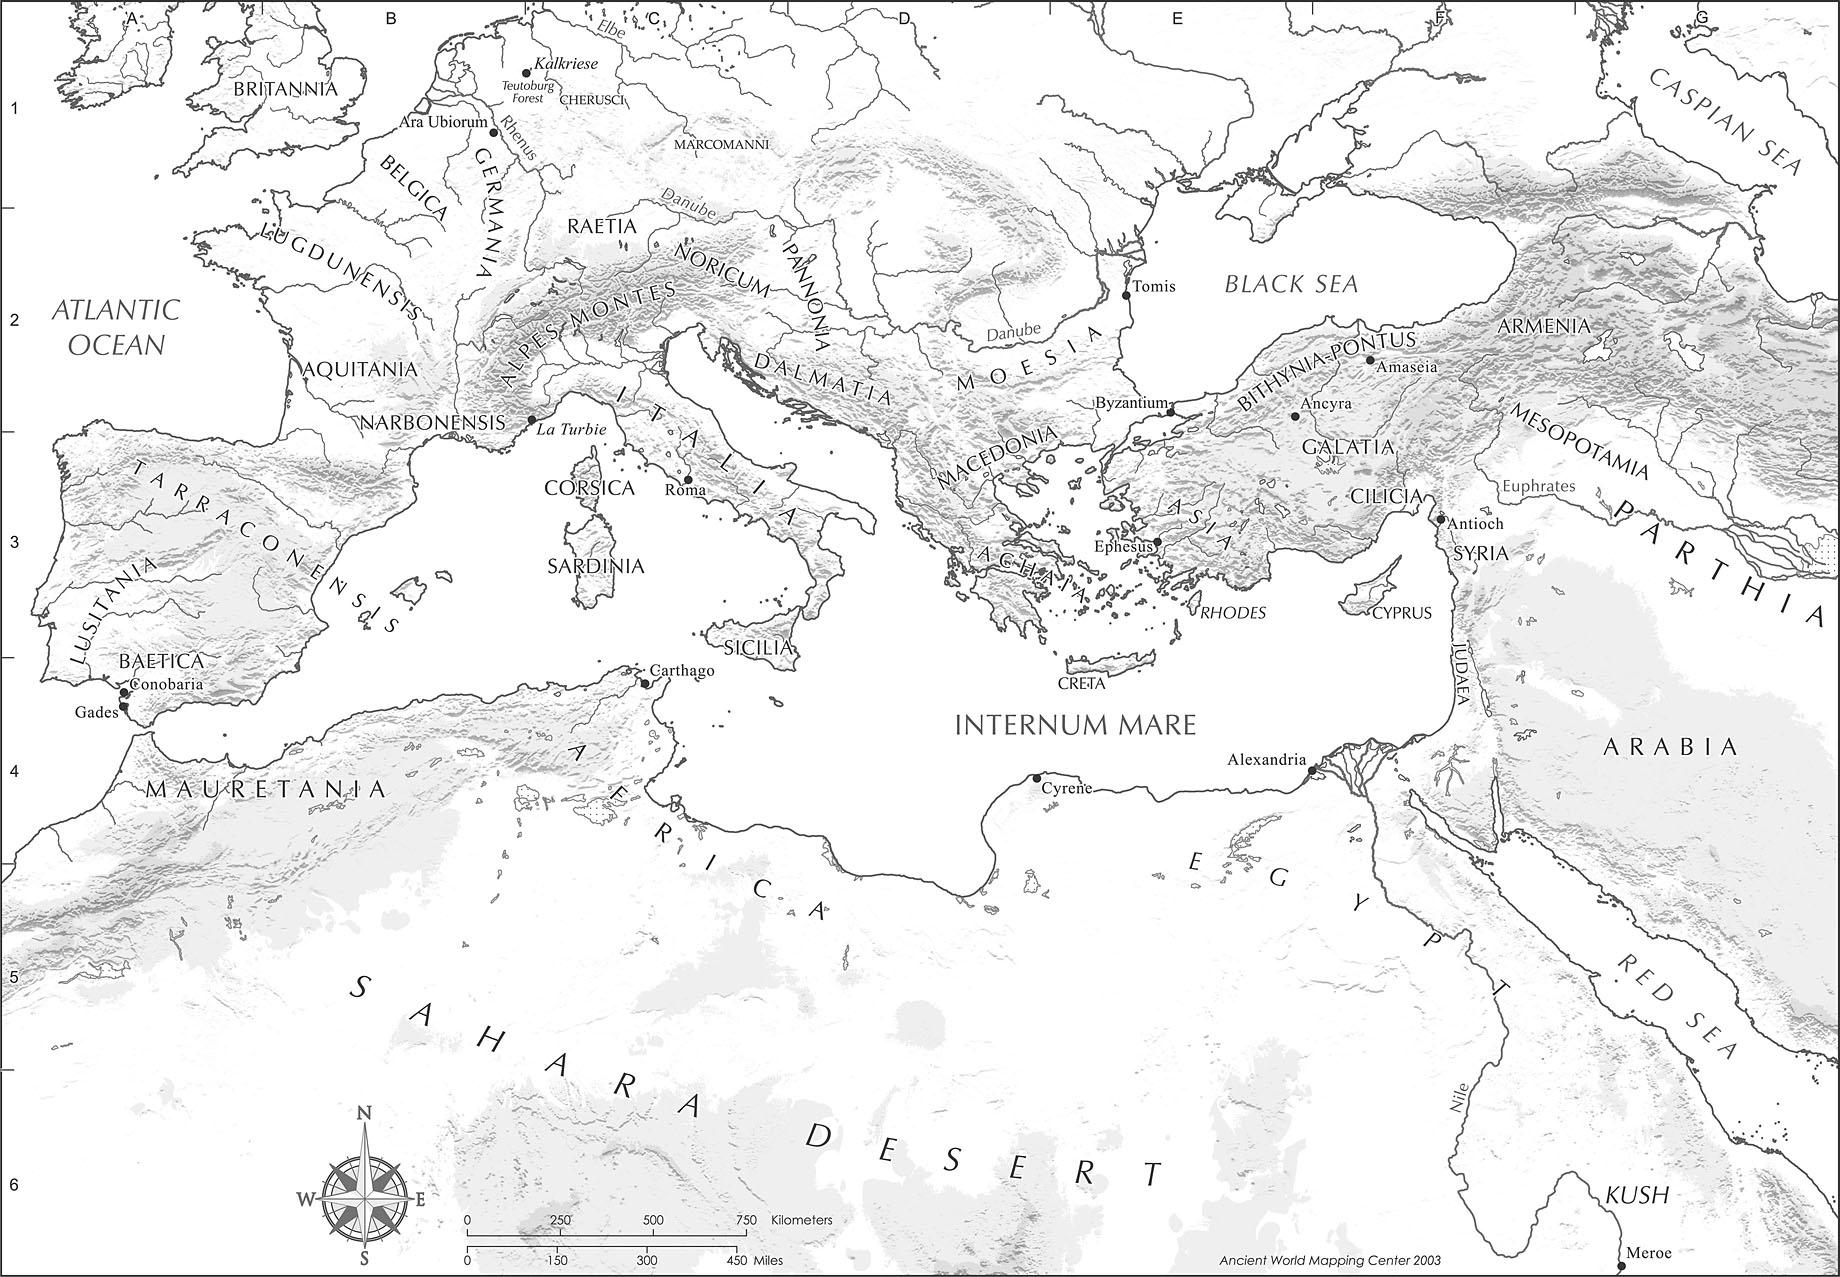 isle of samos – Stephanie Dray